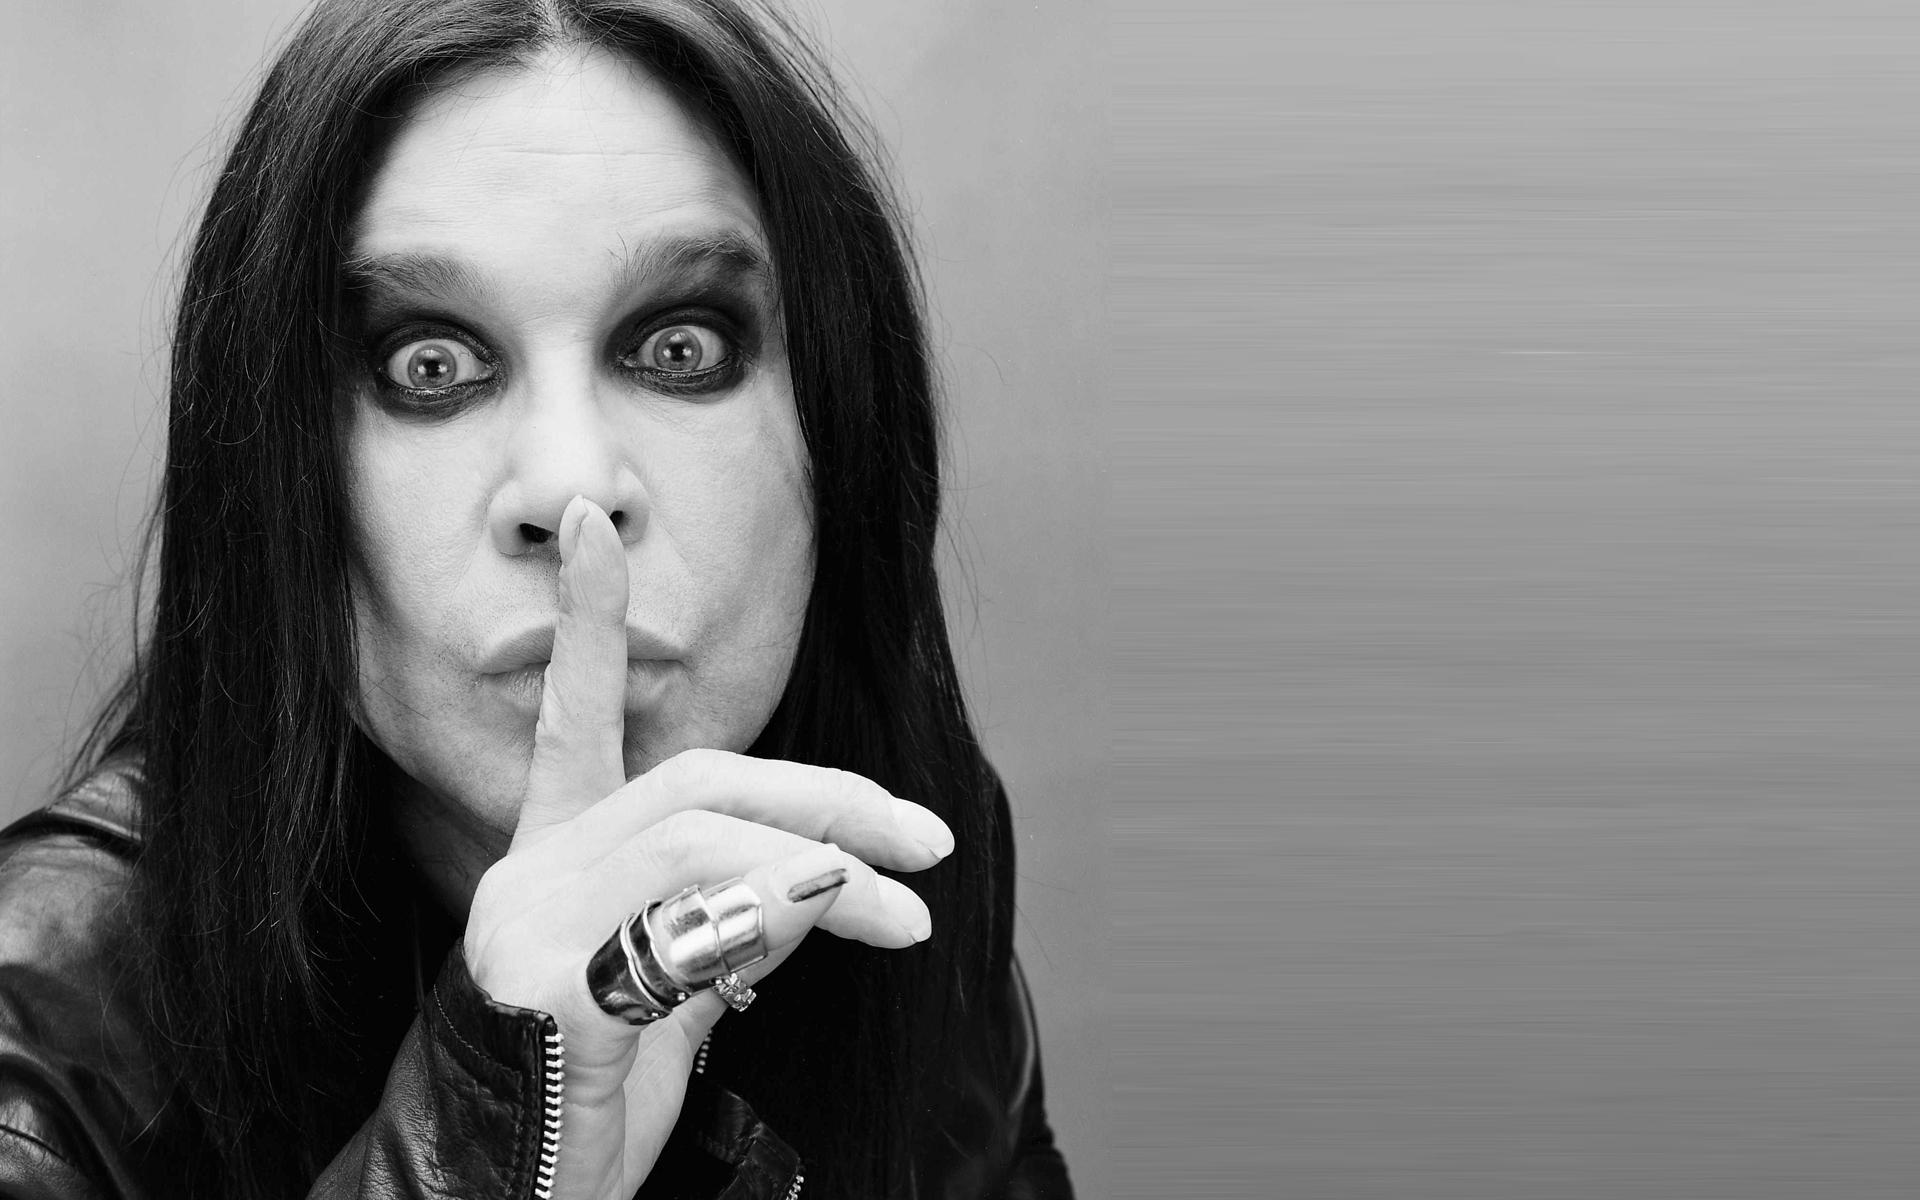 Ozzy Osbourne Full Hd